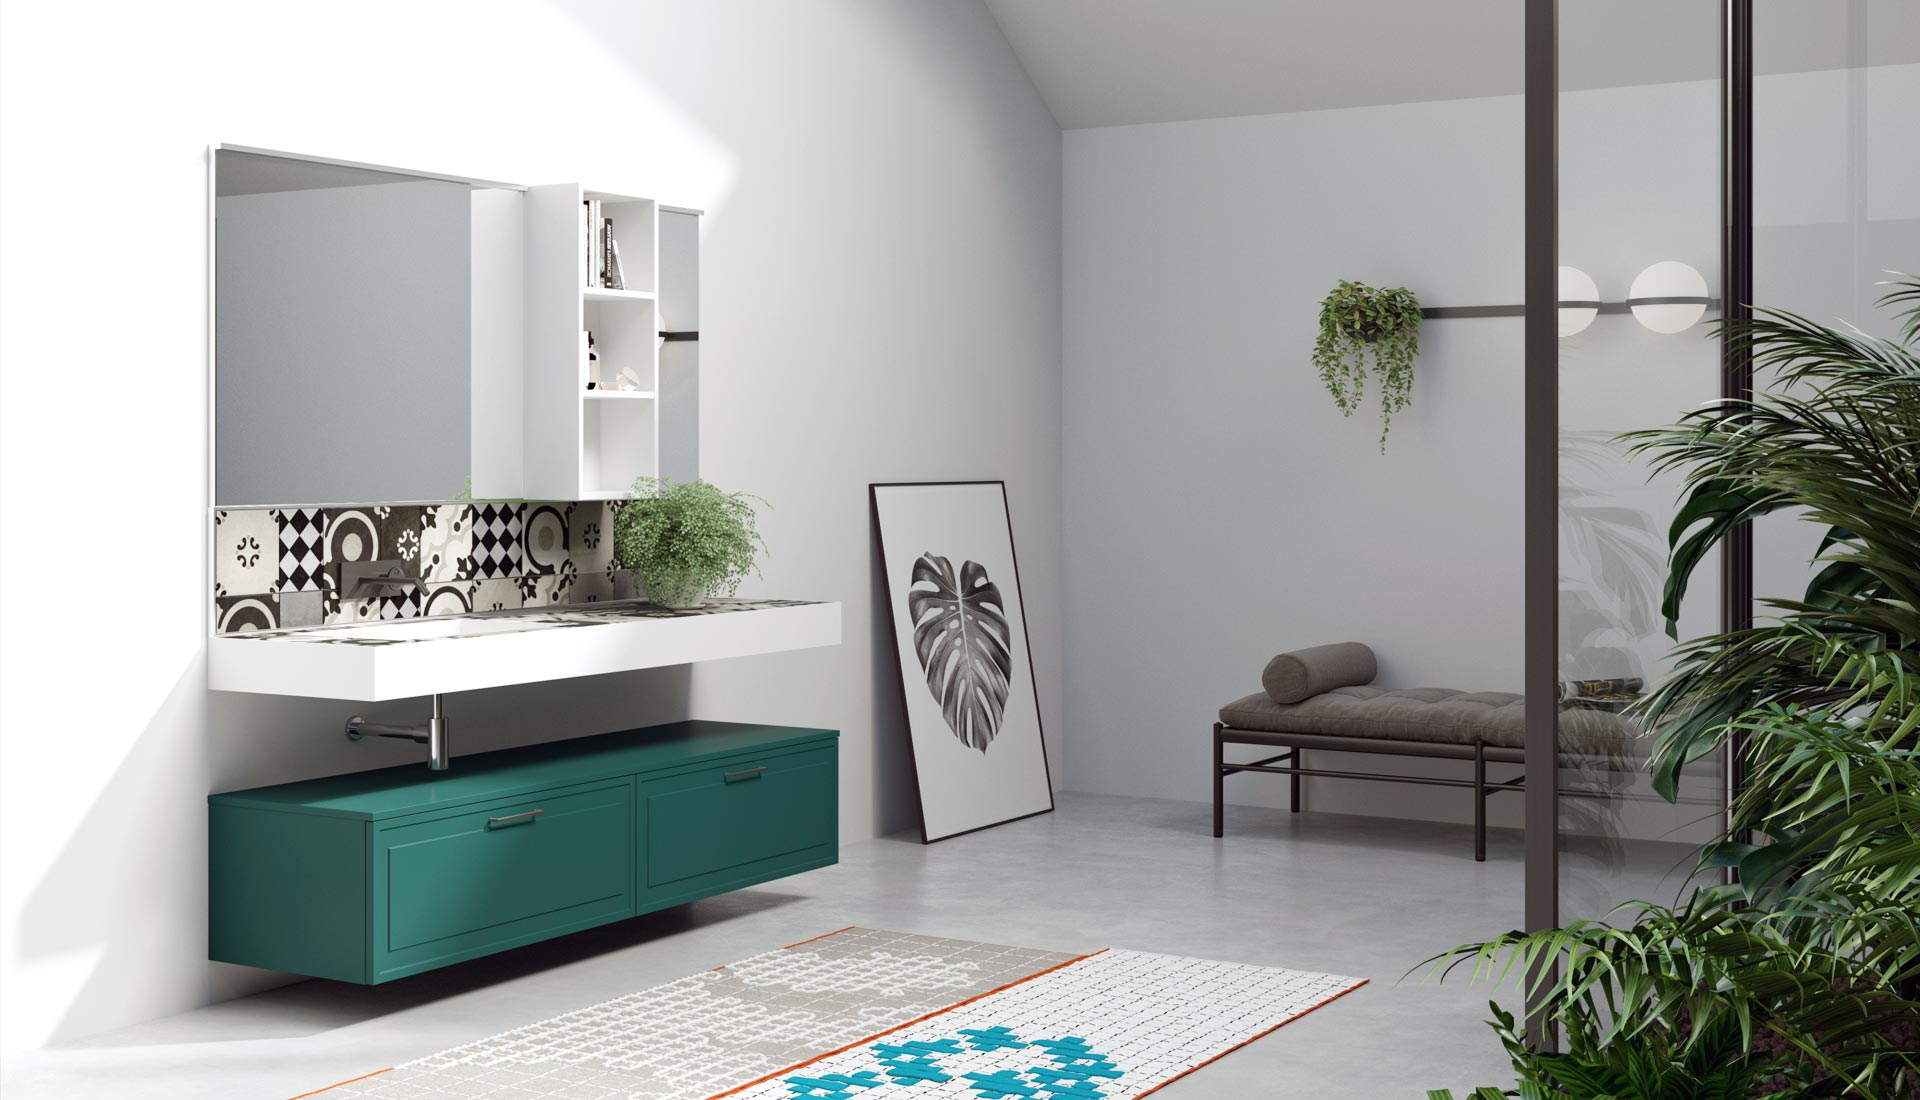 Puntotre produzione arredo bagno e mobili per il bagno su - Arredo bagno 2018 ...